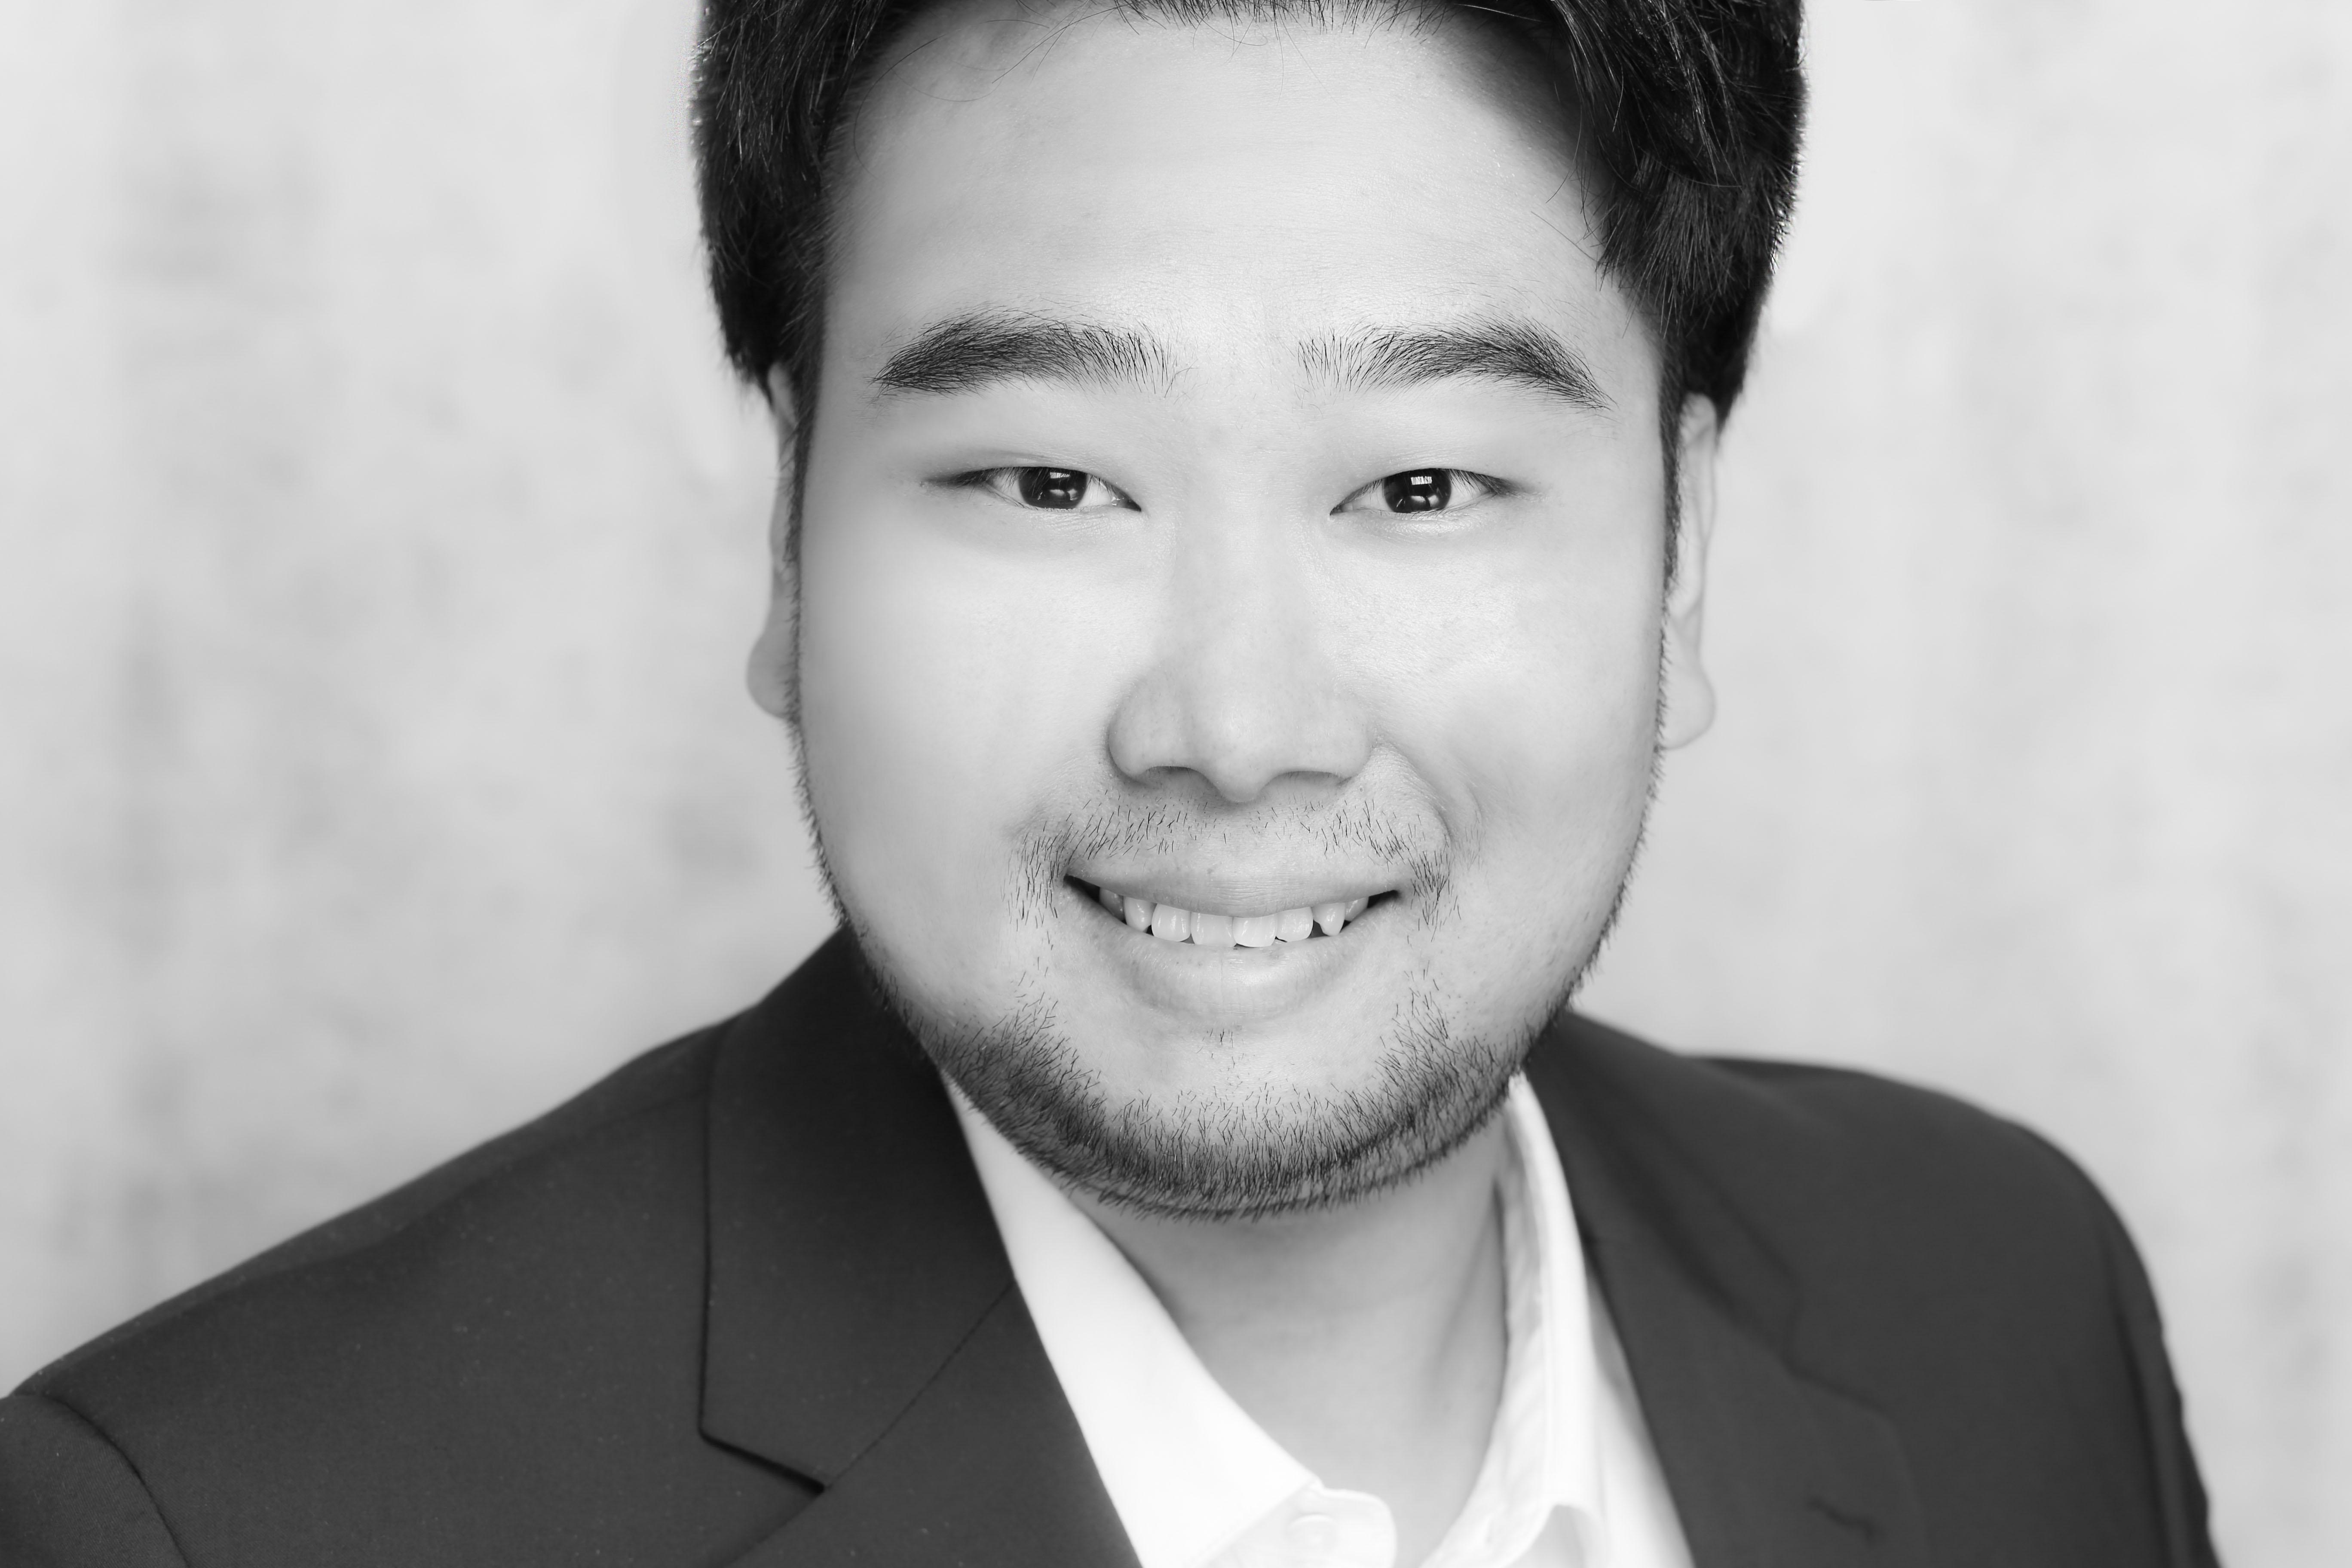 Profile of Lt. Dan Choi - KoreanAmericanStory.org